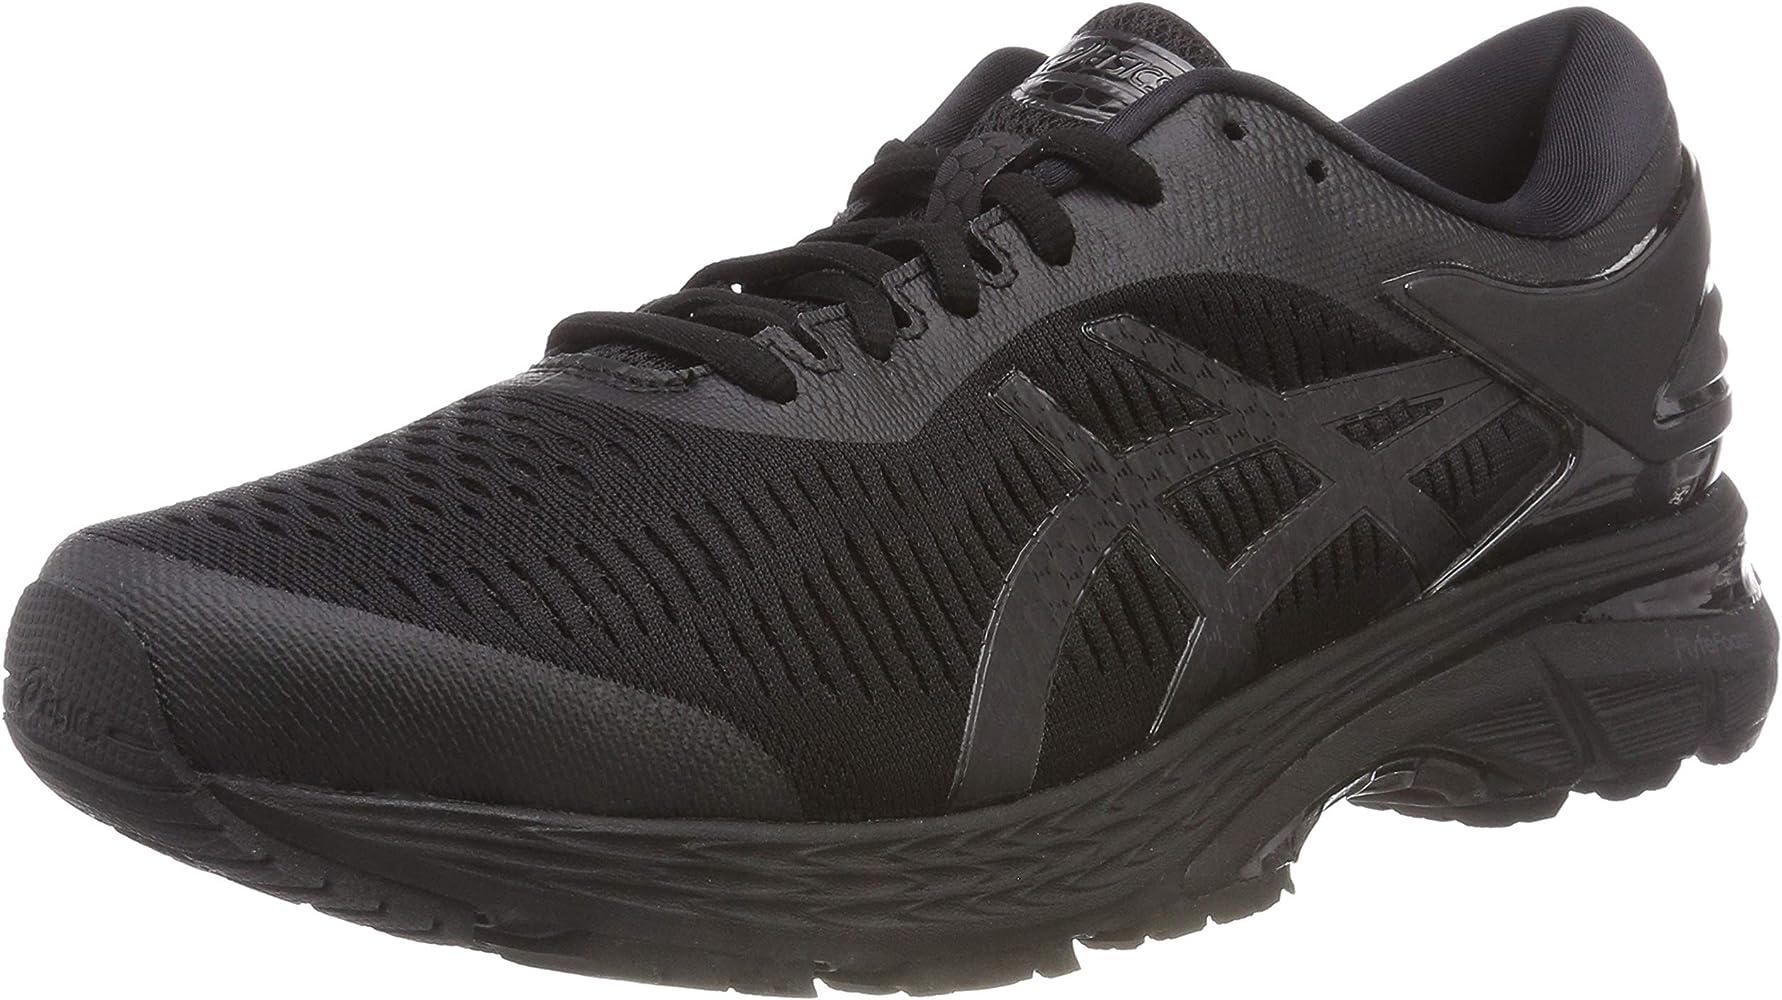 Buy ASICS Men's Running Shoes, Black